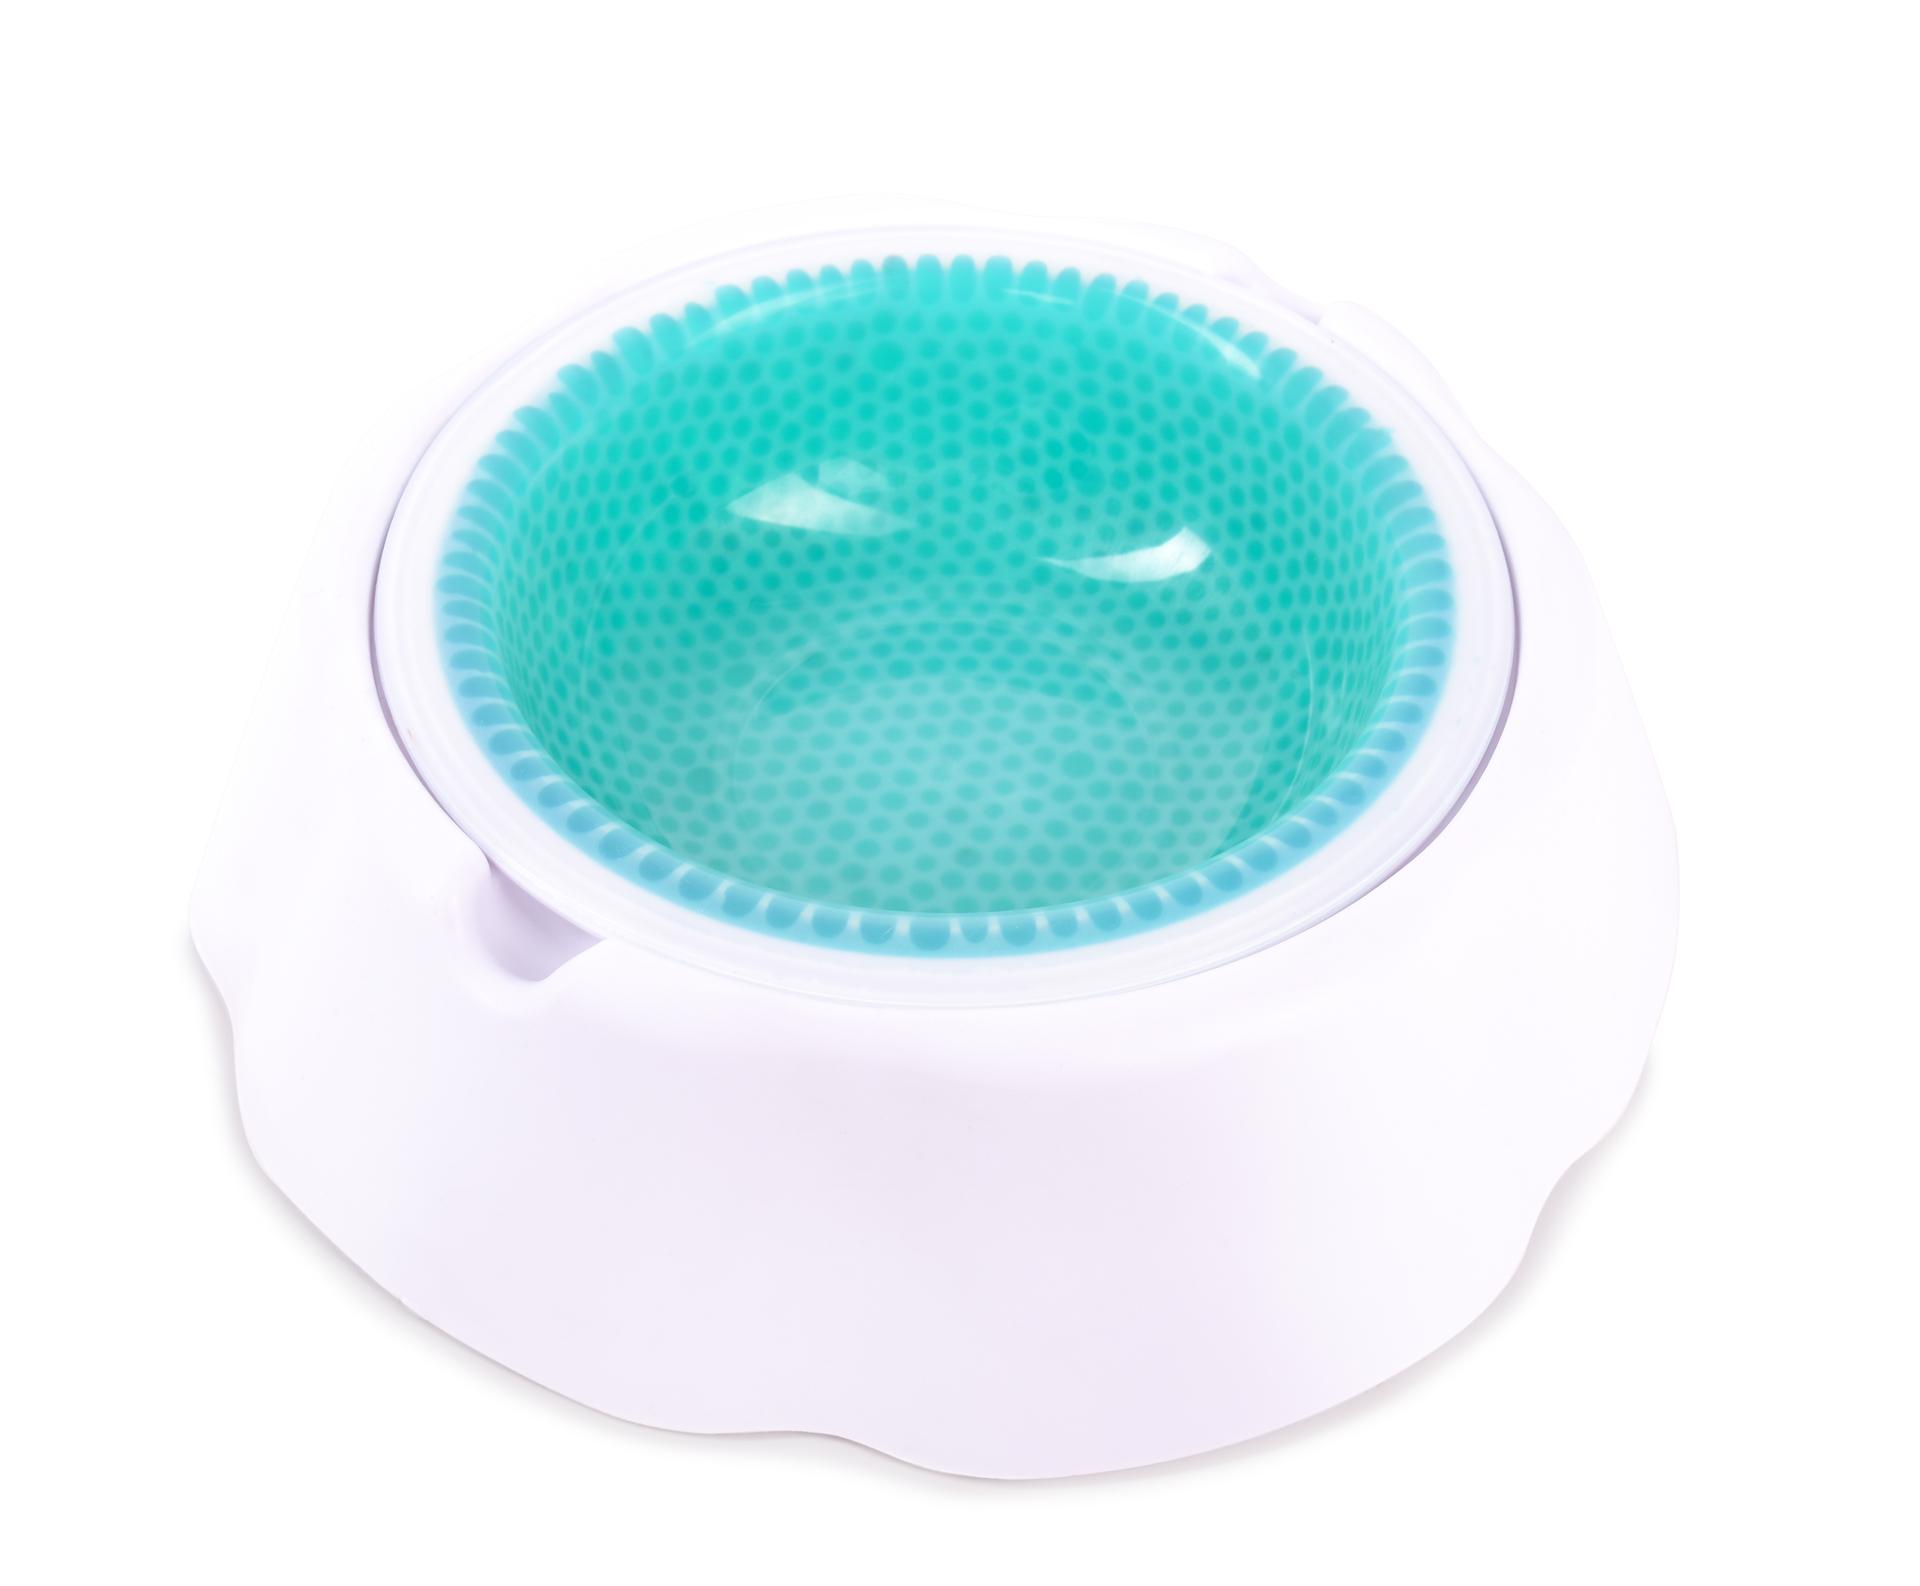 CHLAĎMISKA chladící plastová miska  pro vašeho mazlíčka